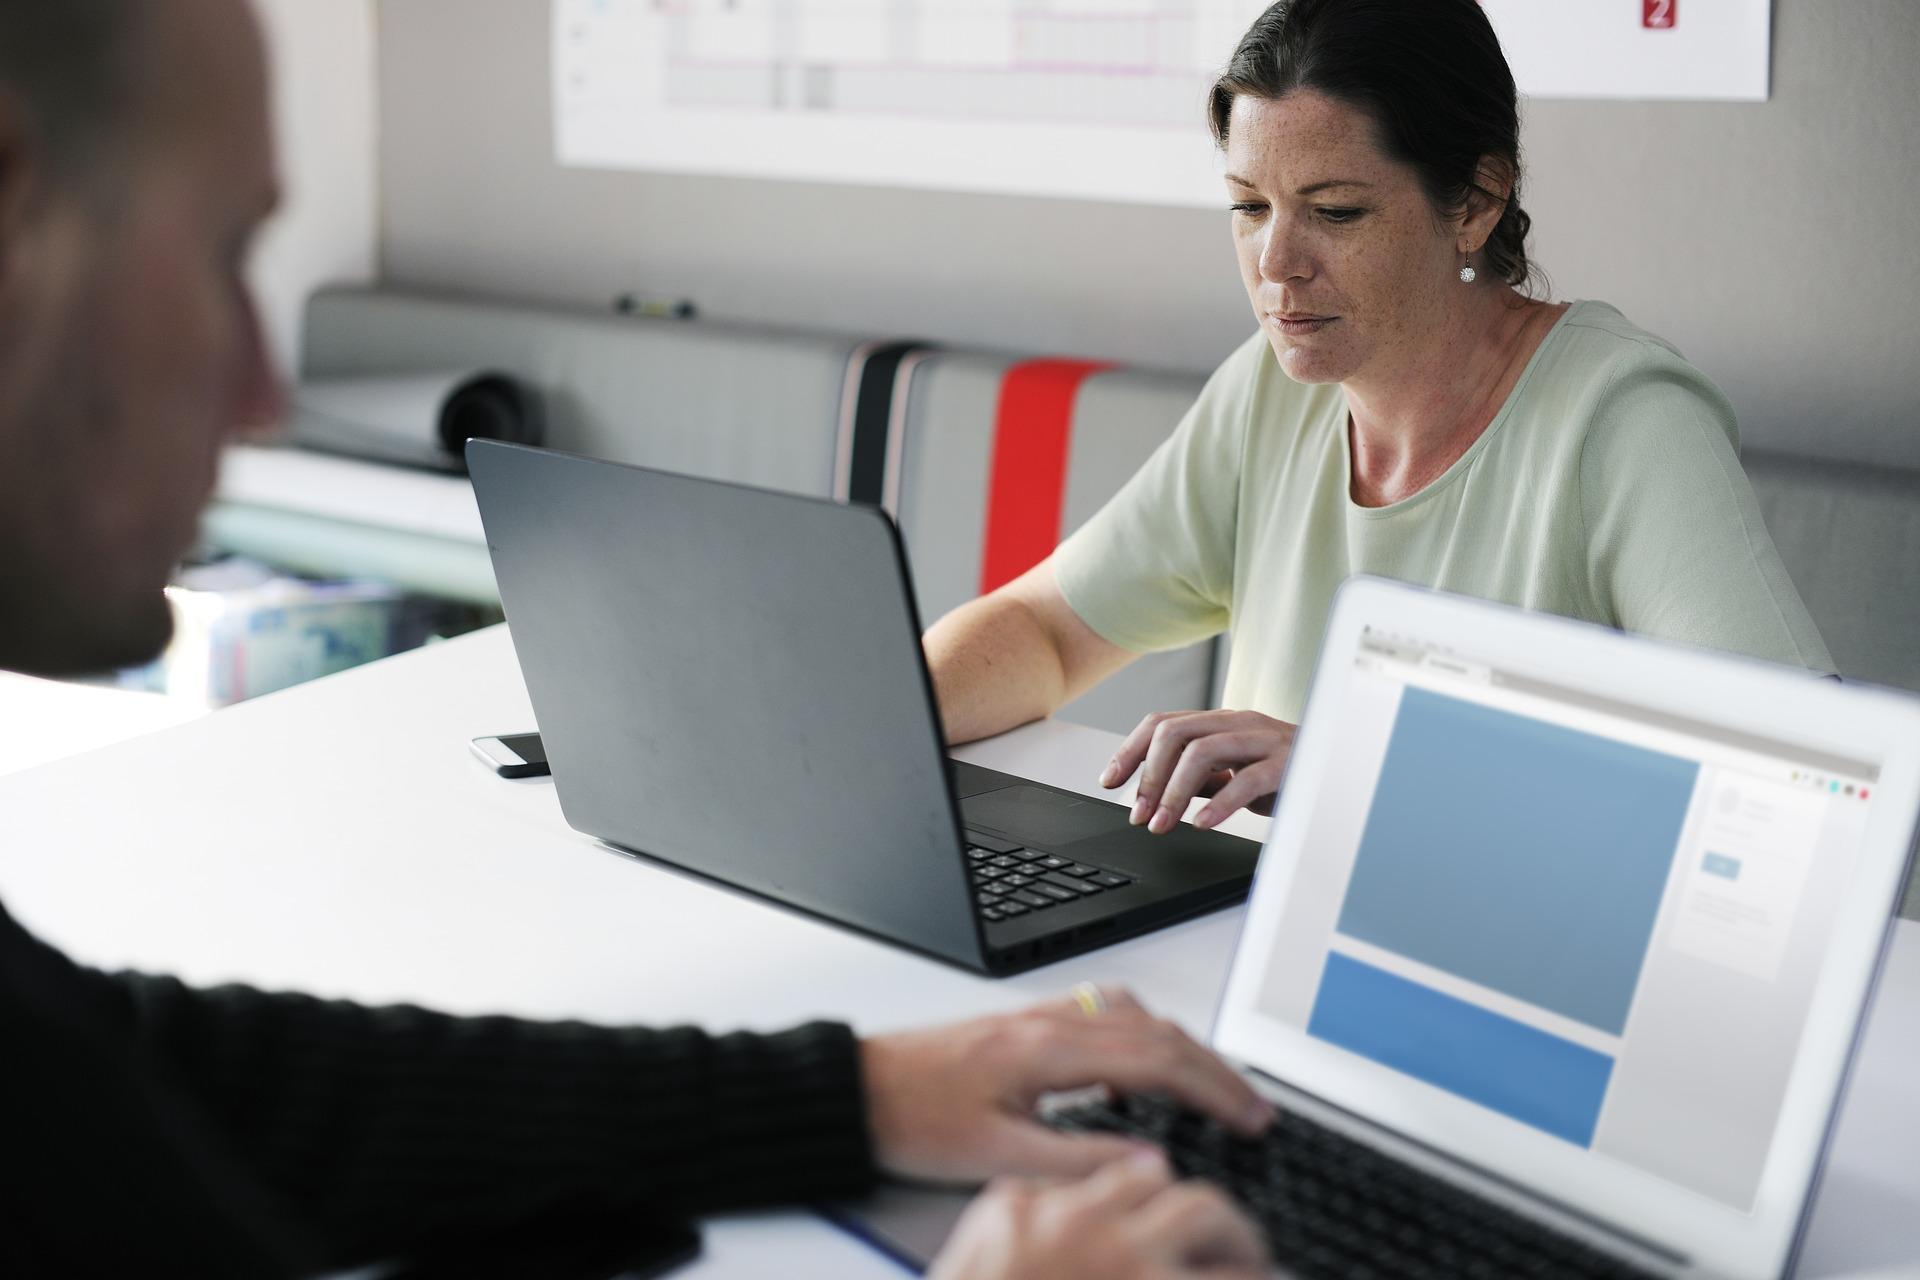 Comment savoir si mon entreprise est en difficulté?